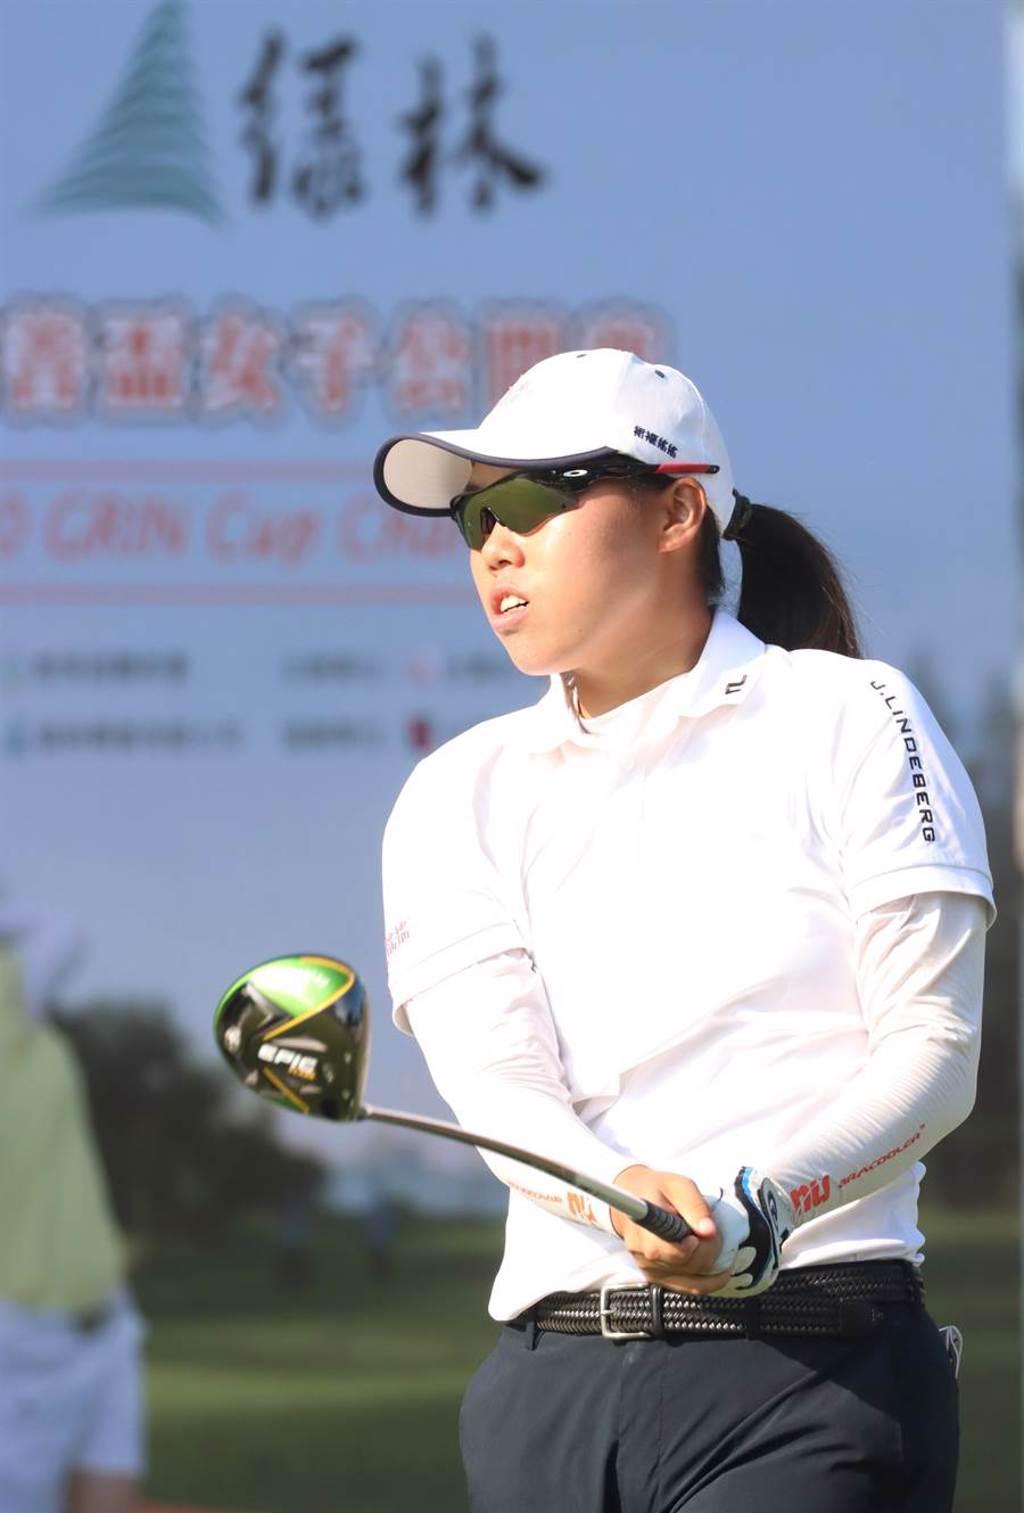 業餘選手安禾佑在綠林女子公開賽首回合繳出67桿暫居領先。(TLPGA提供)